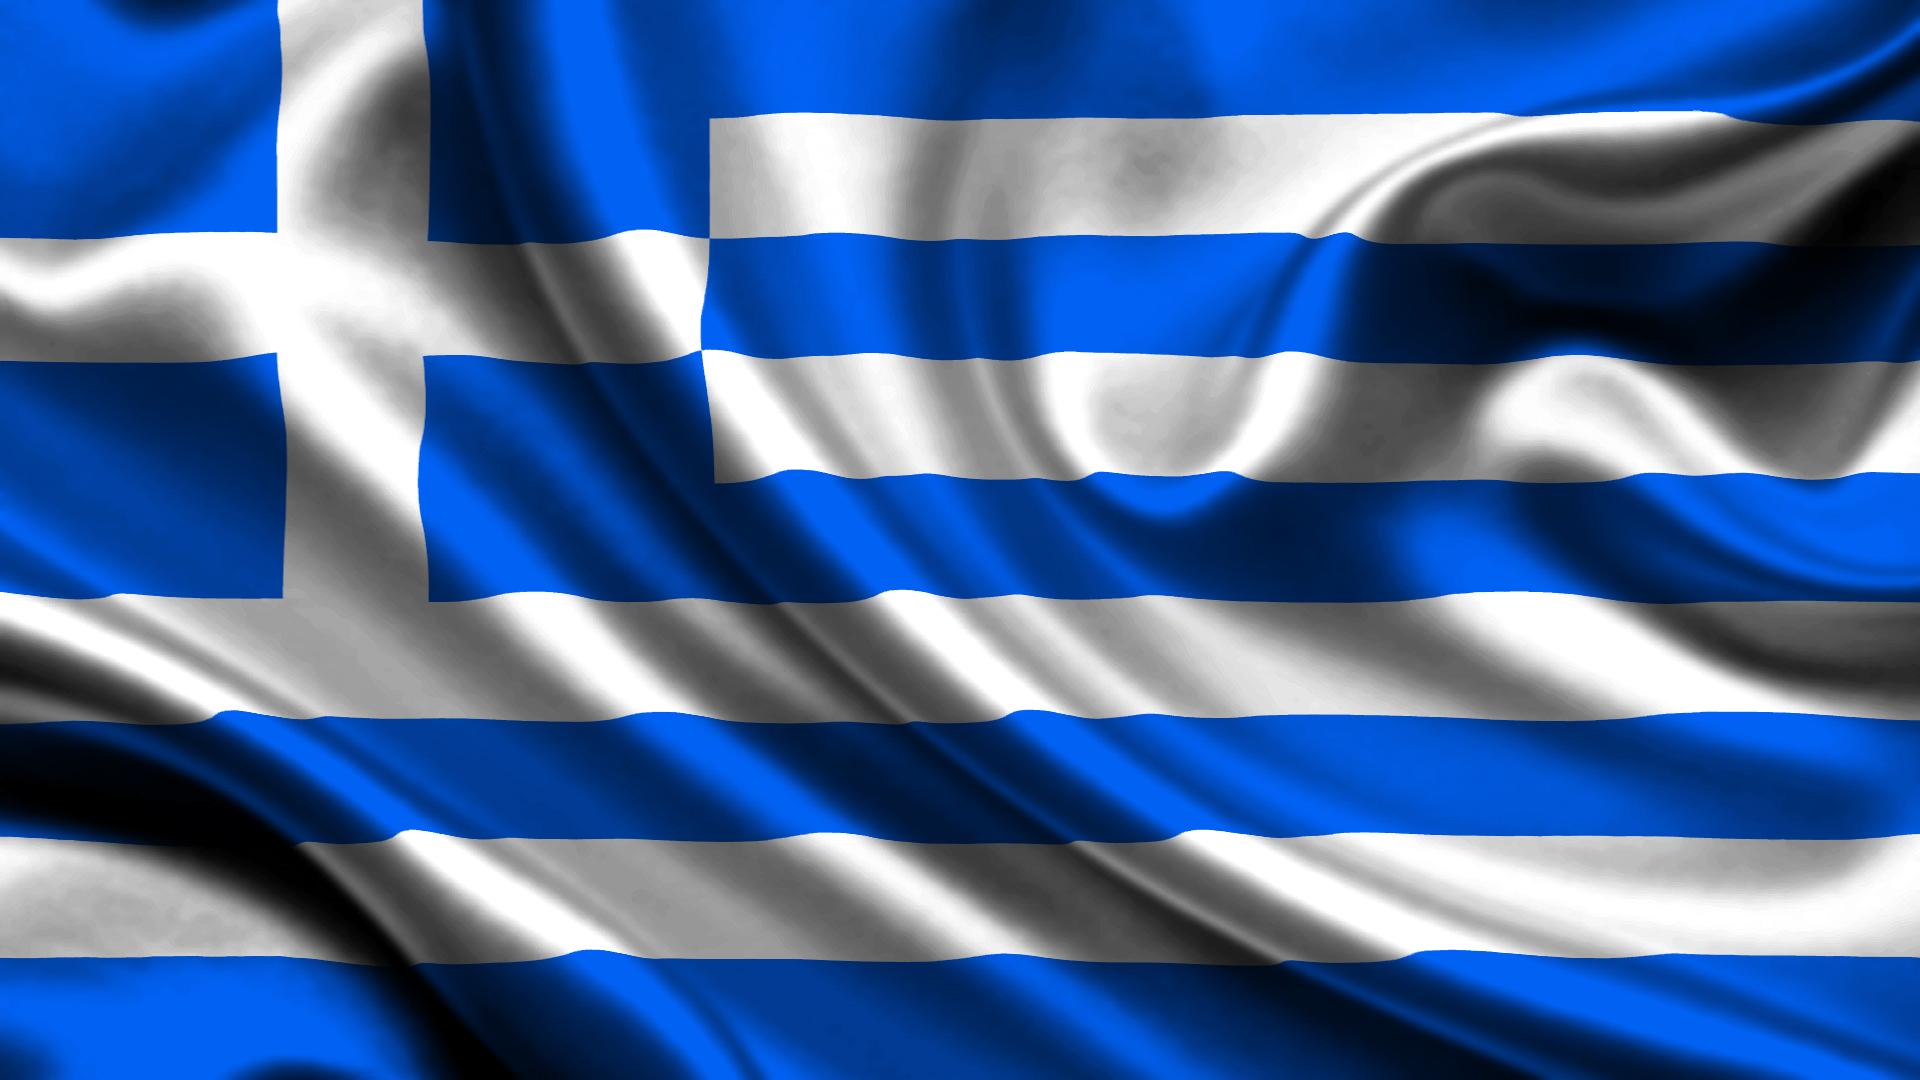 обои для рабочего стола флаг евросоюза № 389636 бесплатно